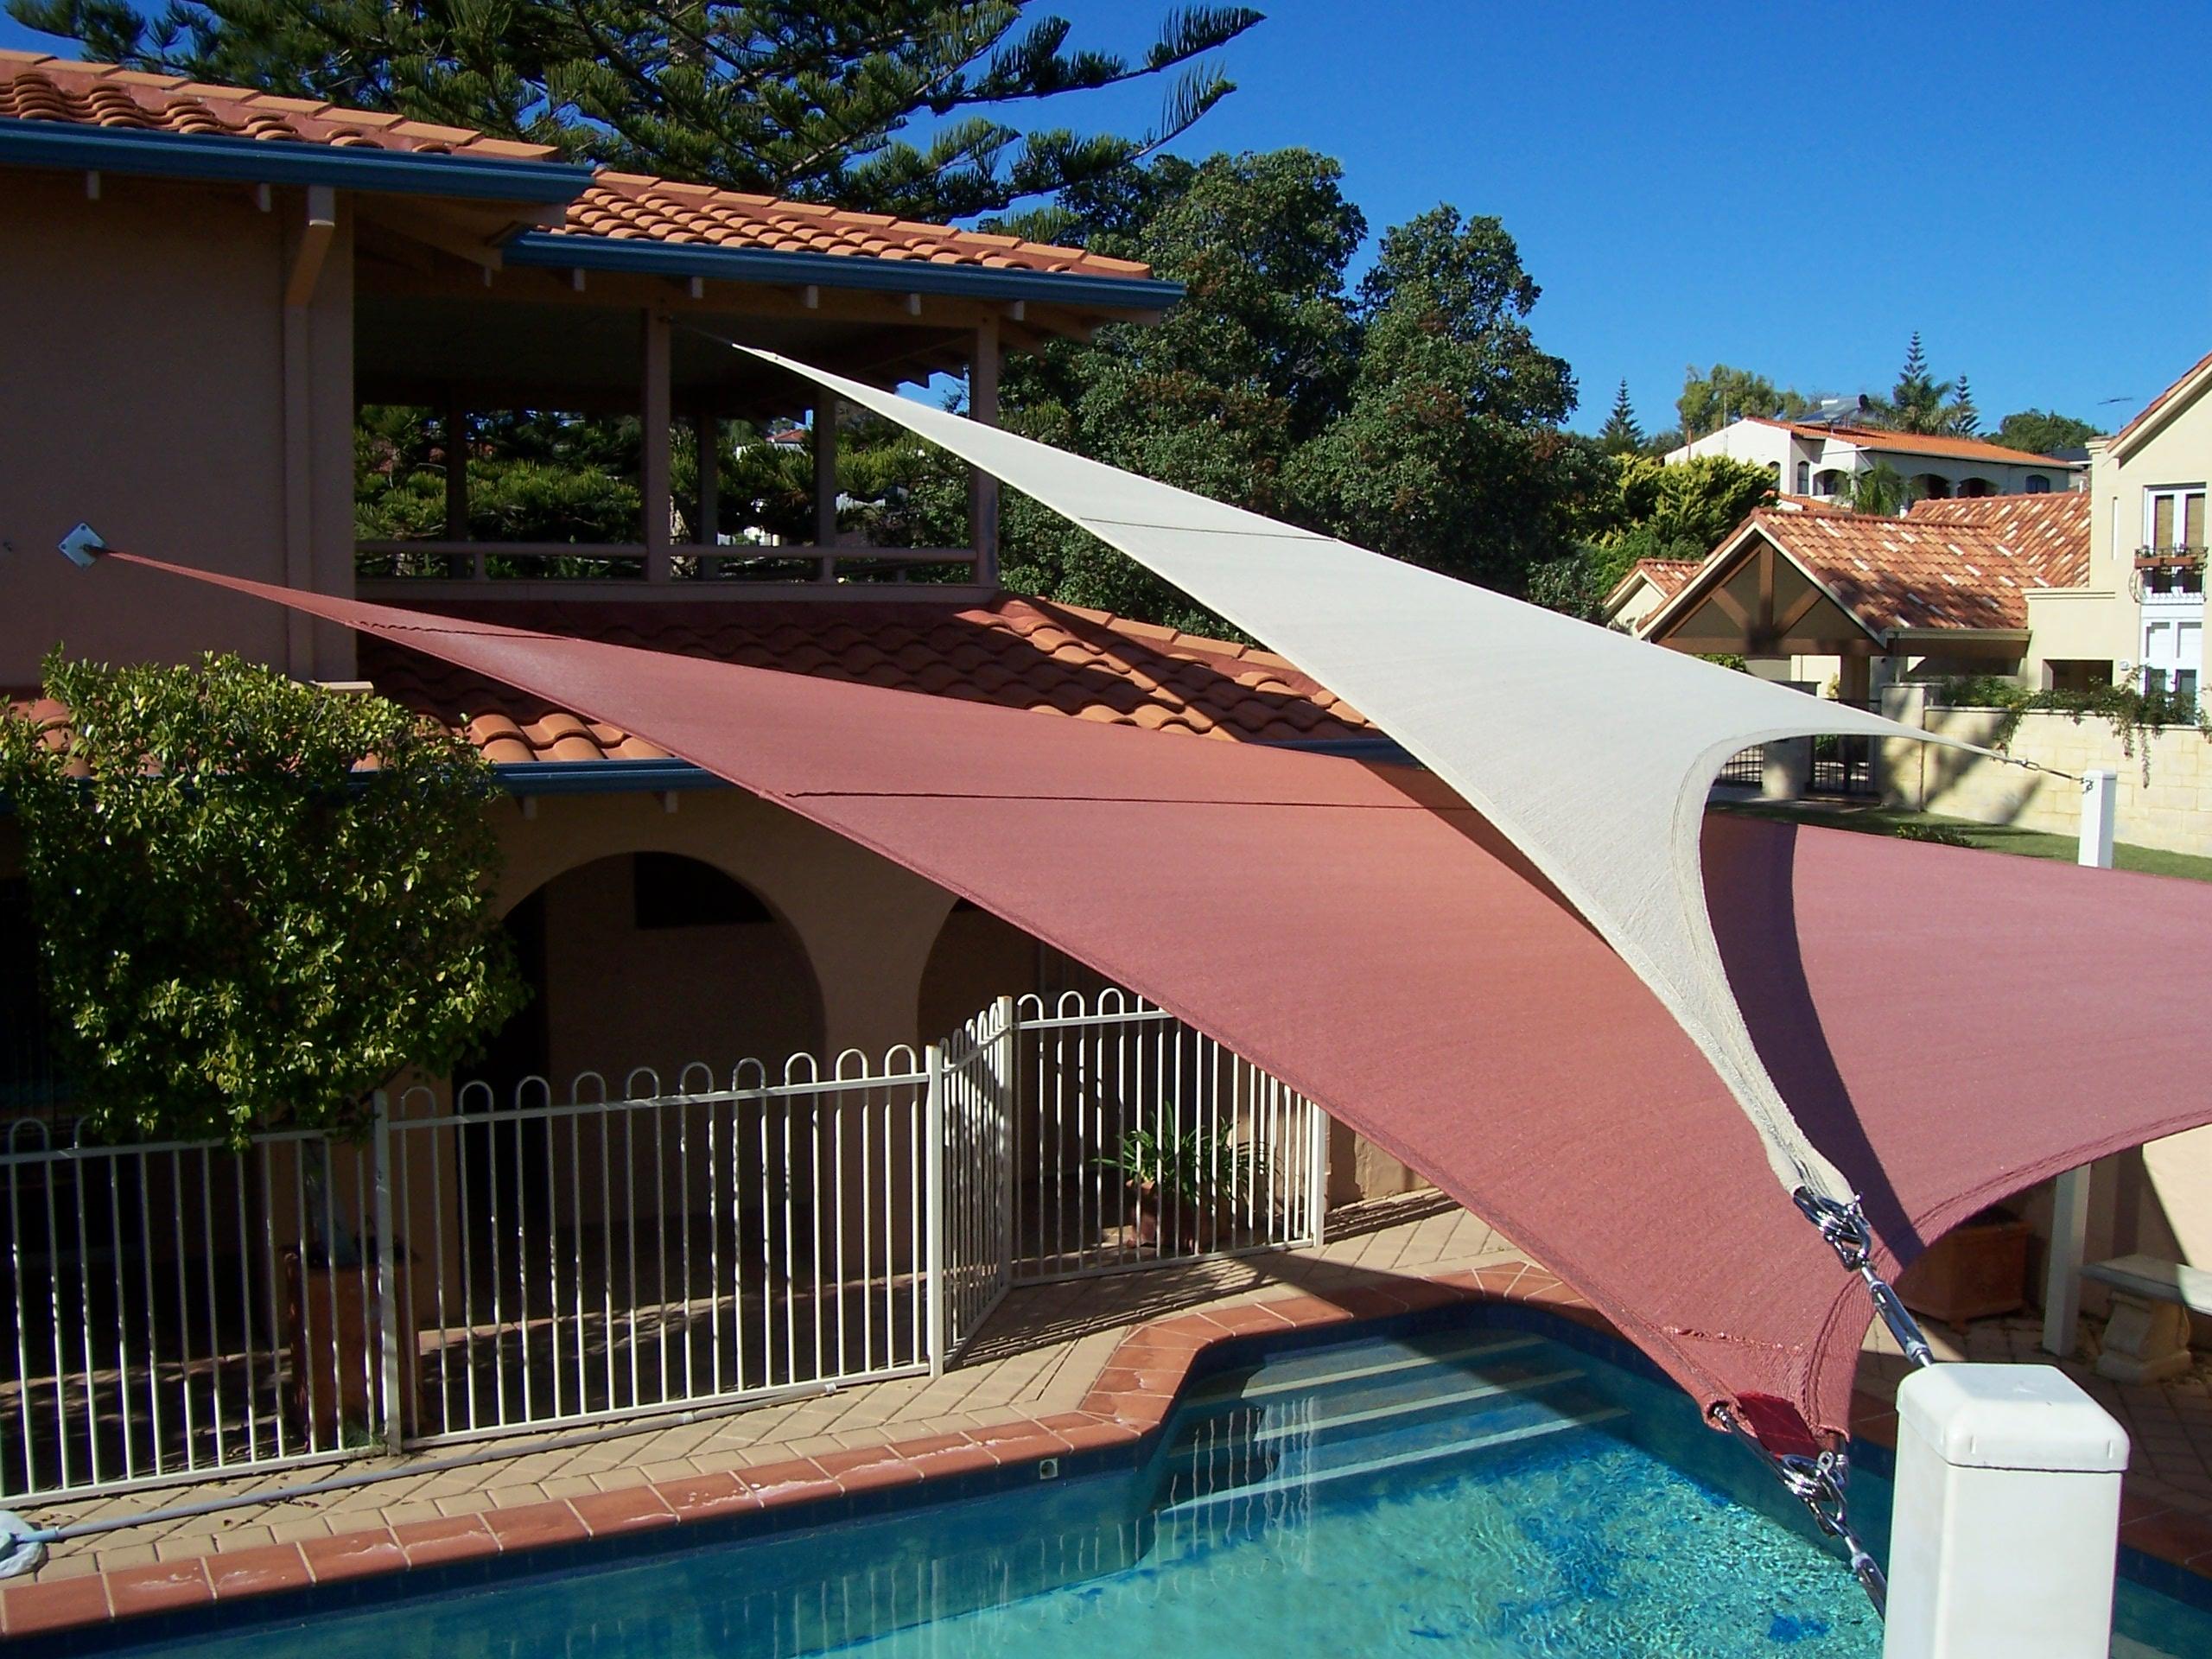 perth shadesails home residential garden shade sails aqua shades